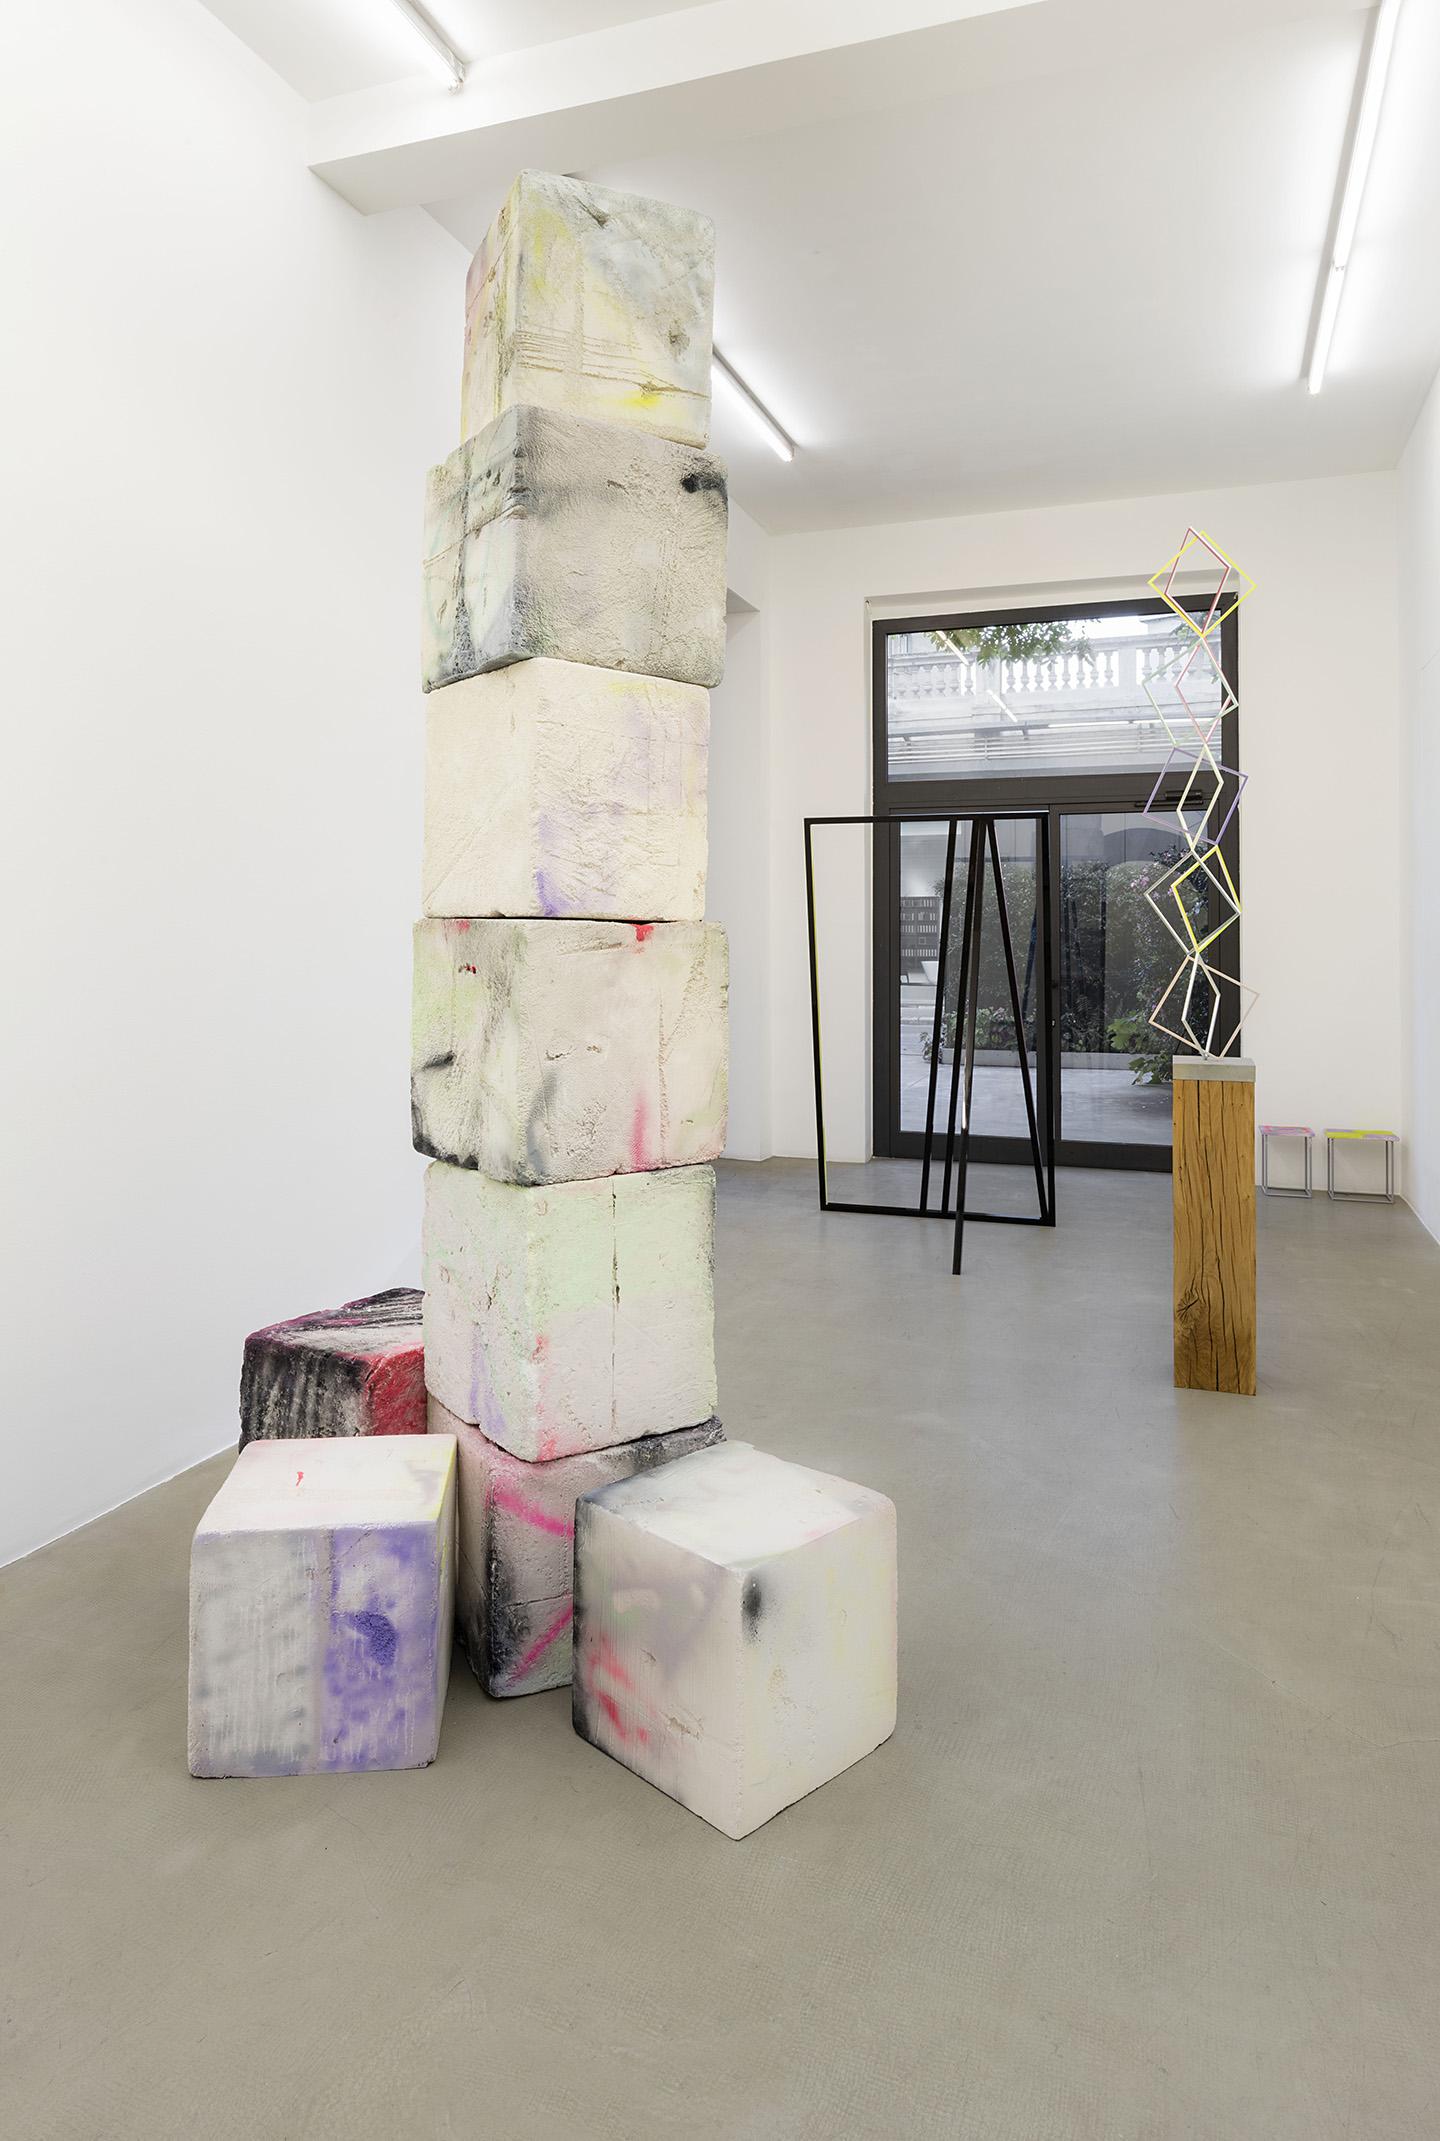 Eva Rothschild At Kaufmann Repetto Milan Mousse Magazine # Muebles Tumbing